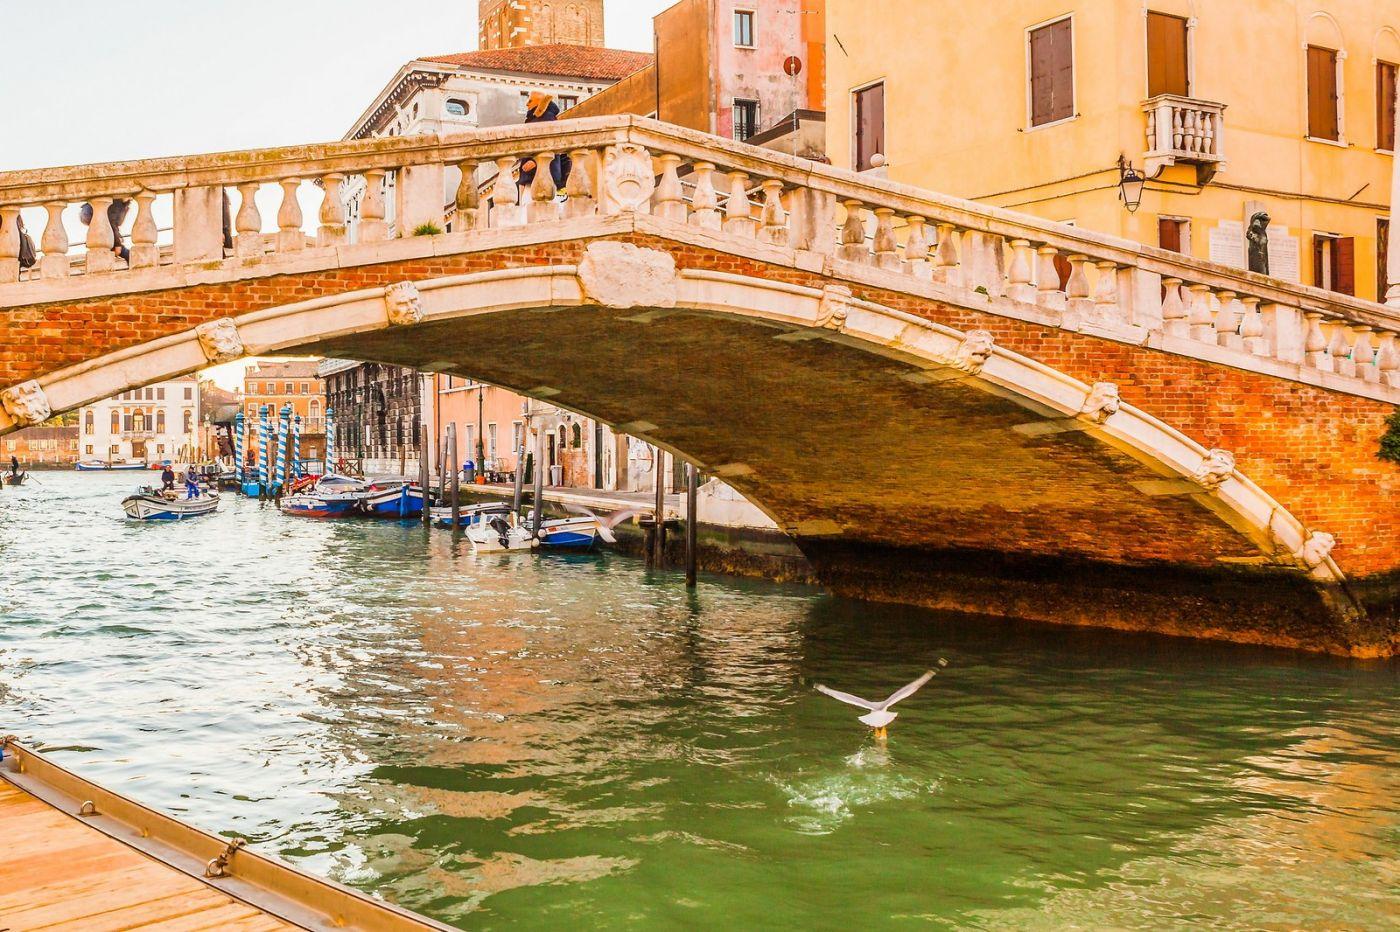 意大利威尼斯,桥的艺术_图1-16